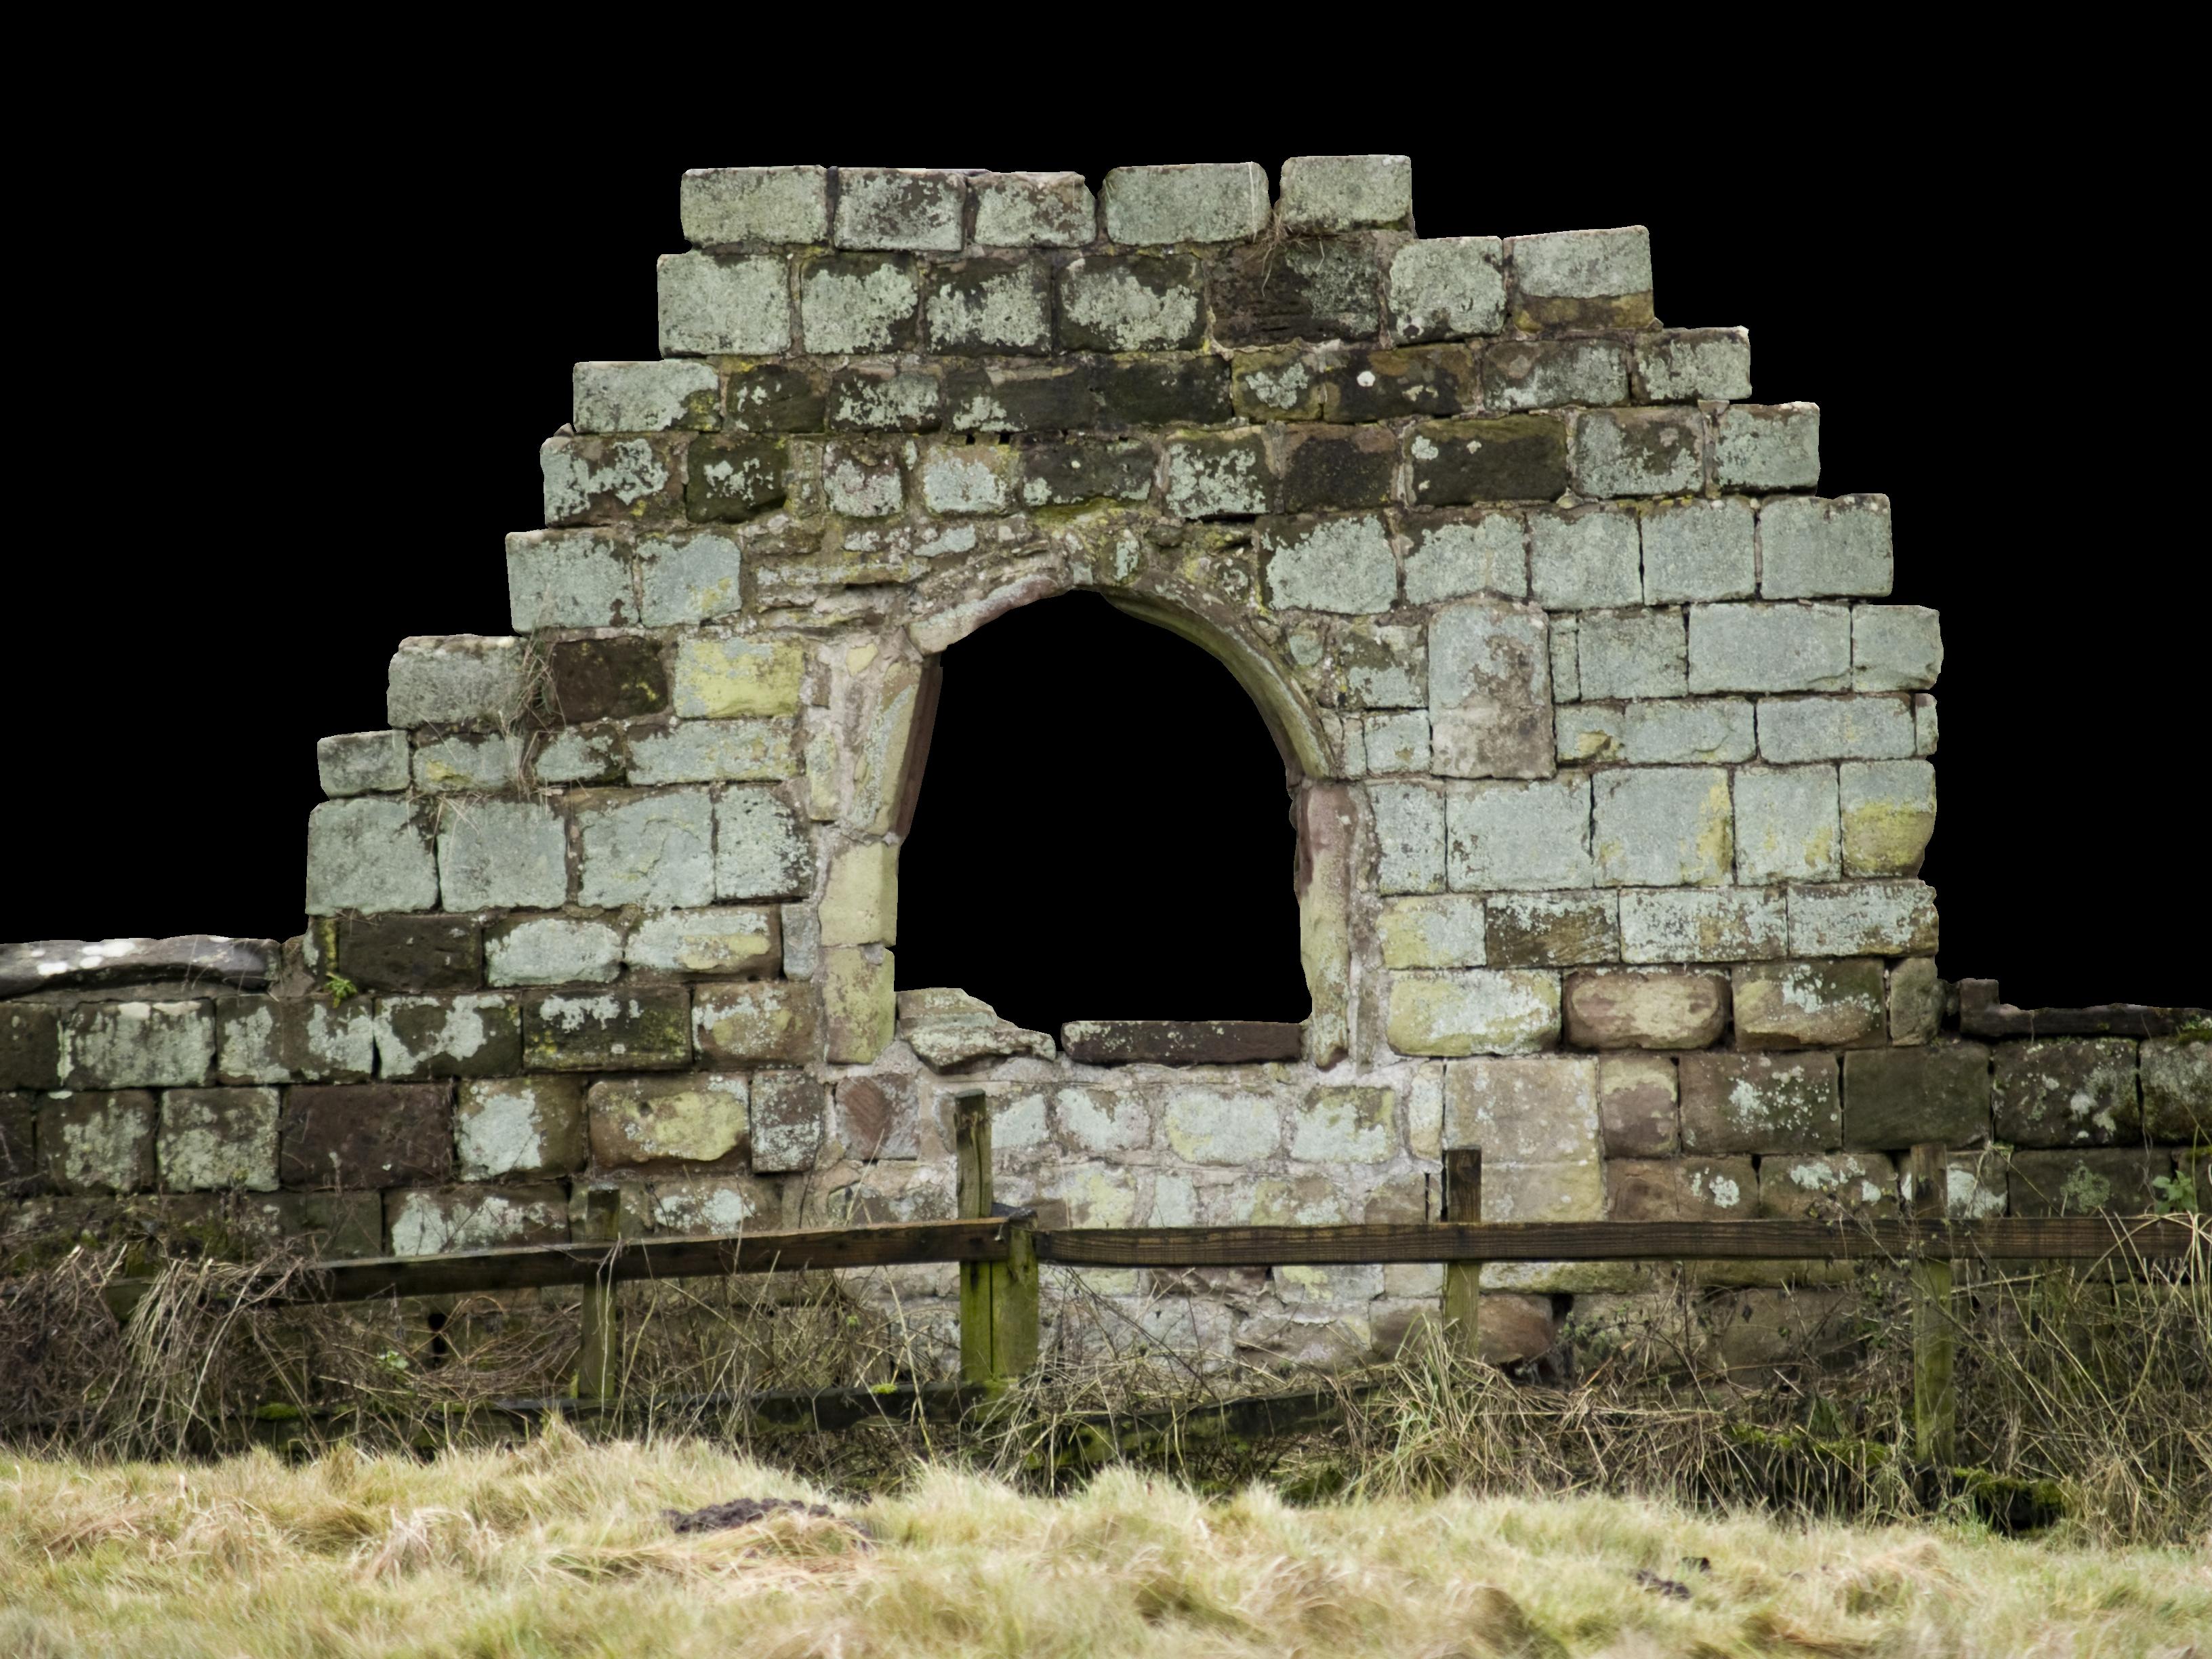 Old castle wall window photo